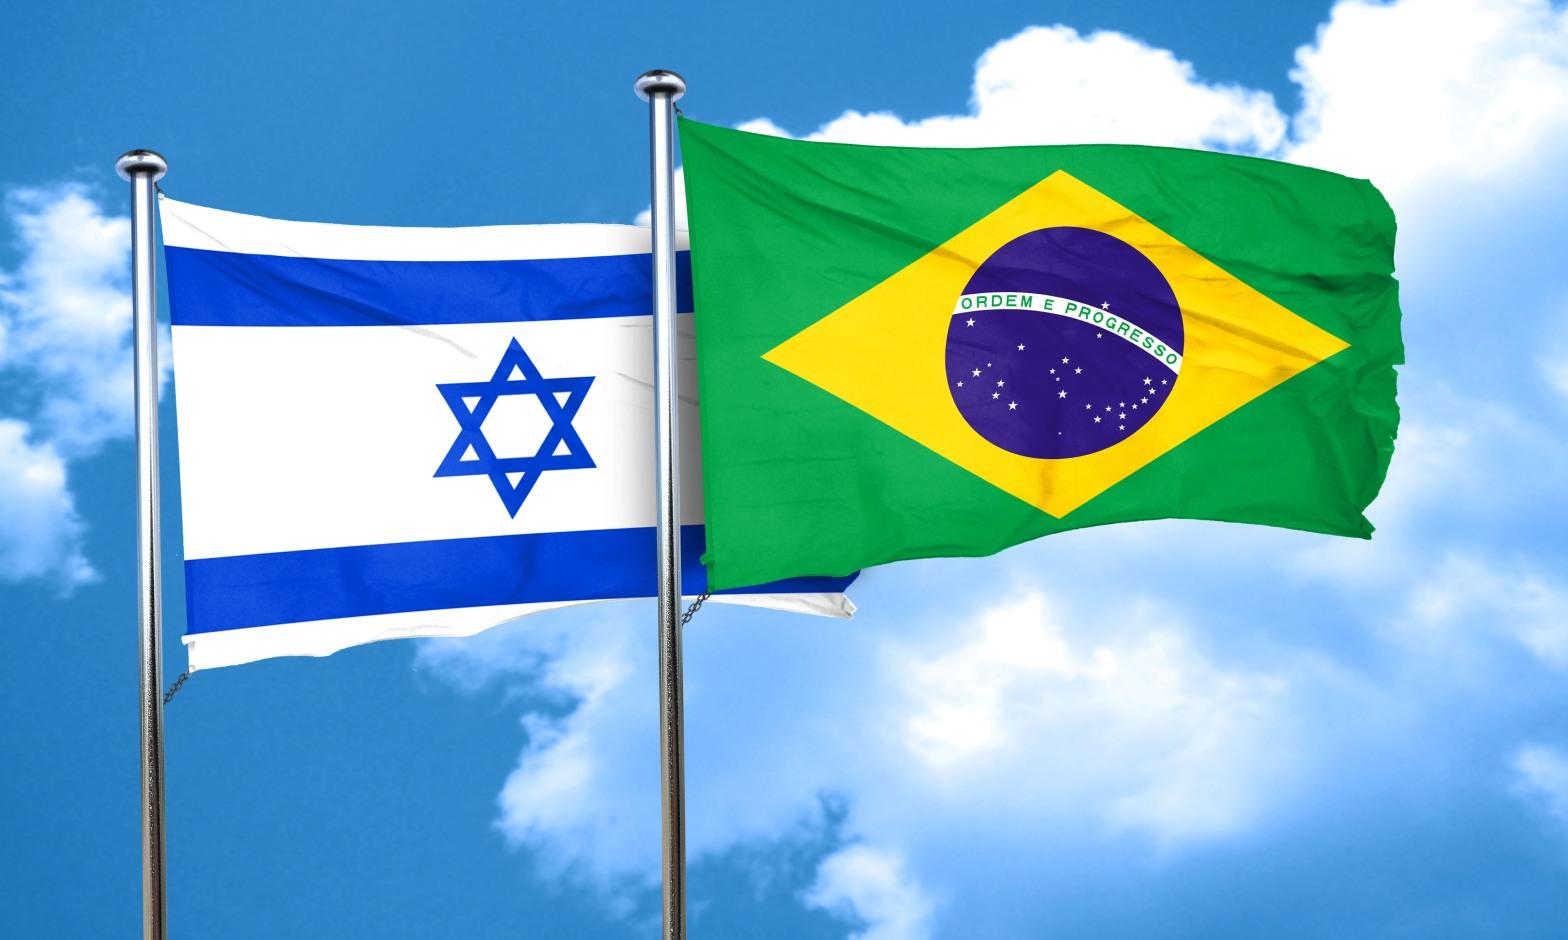 Bandeiras Brasileira e Israelense flamulando